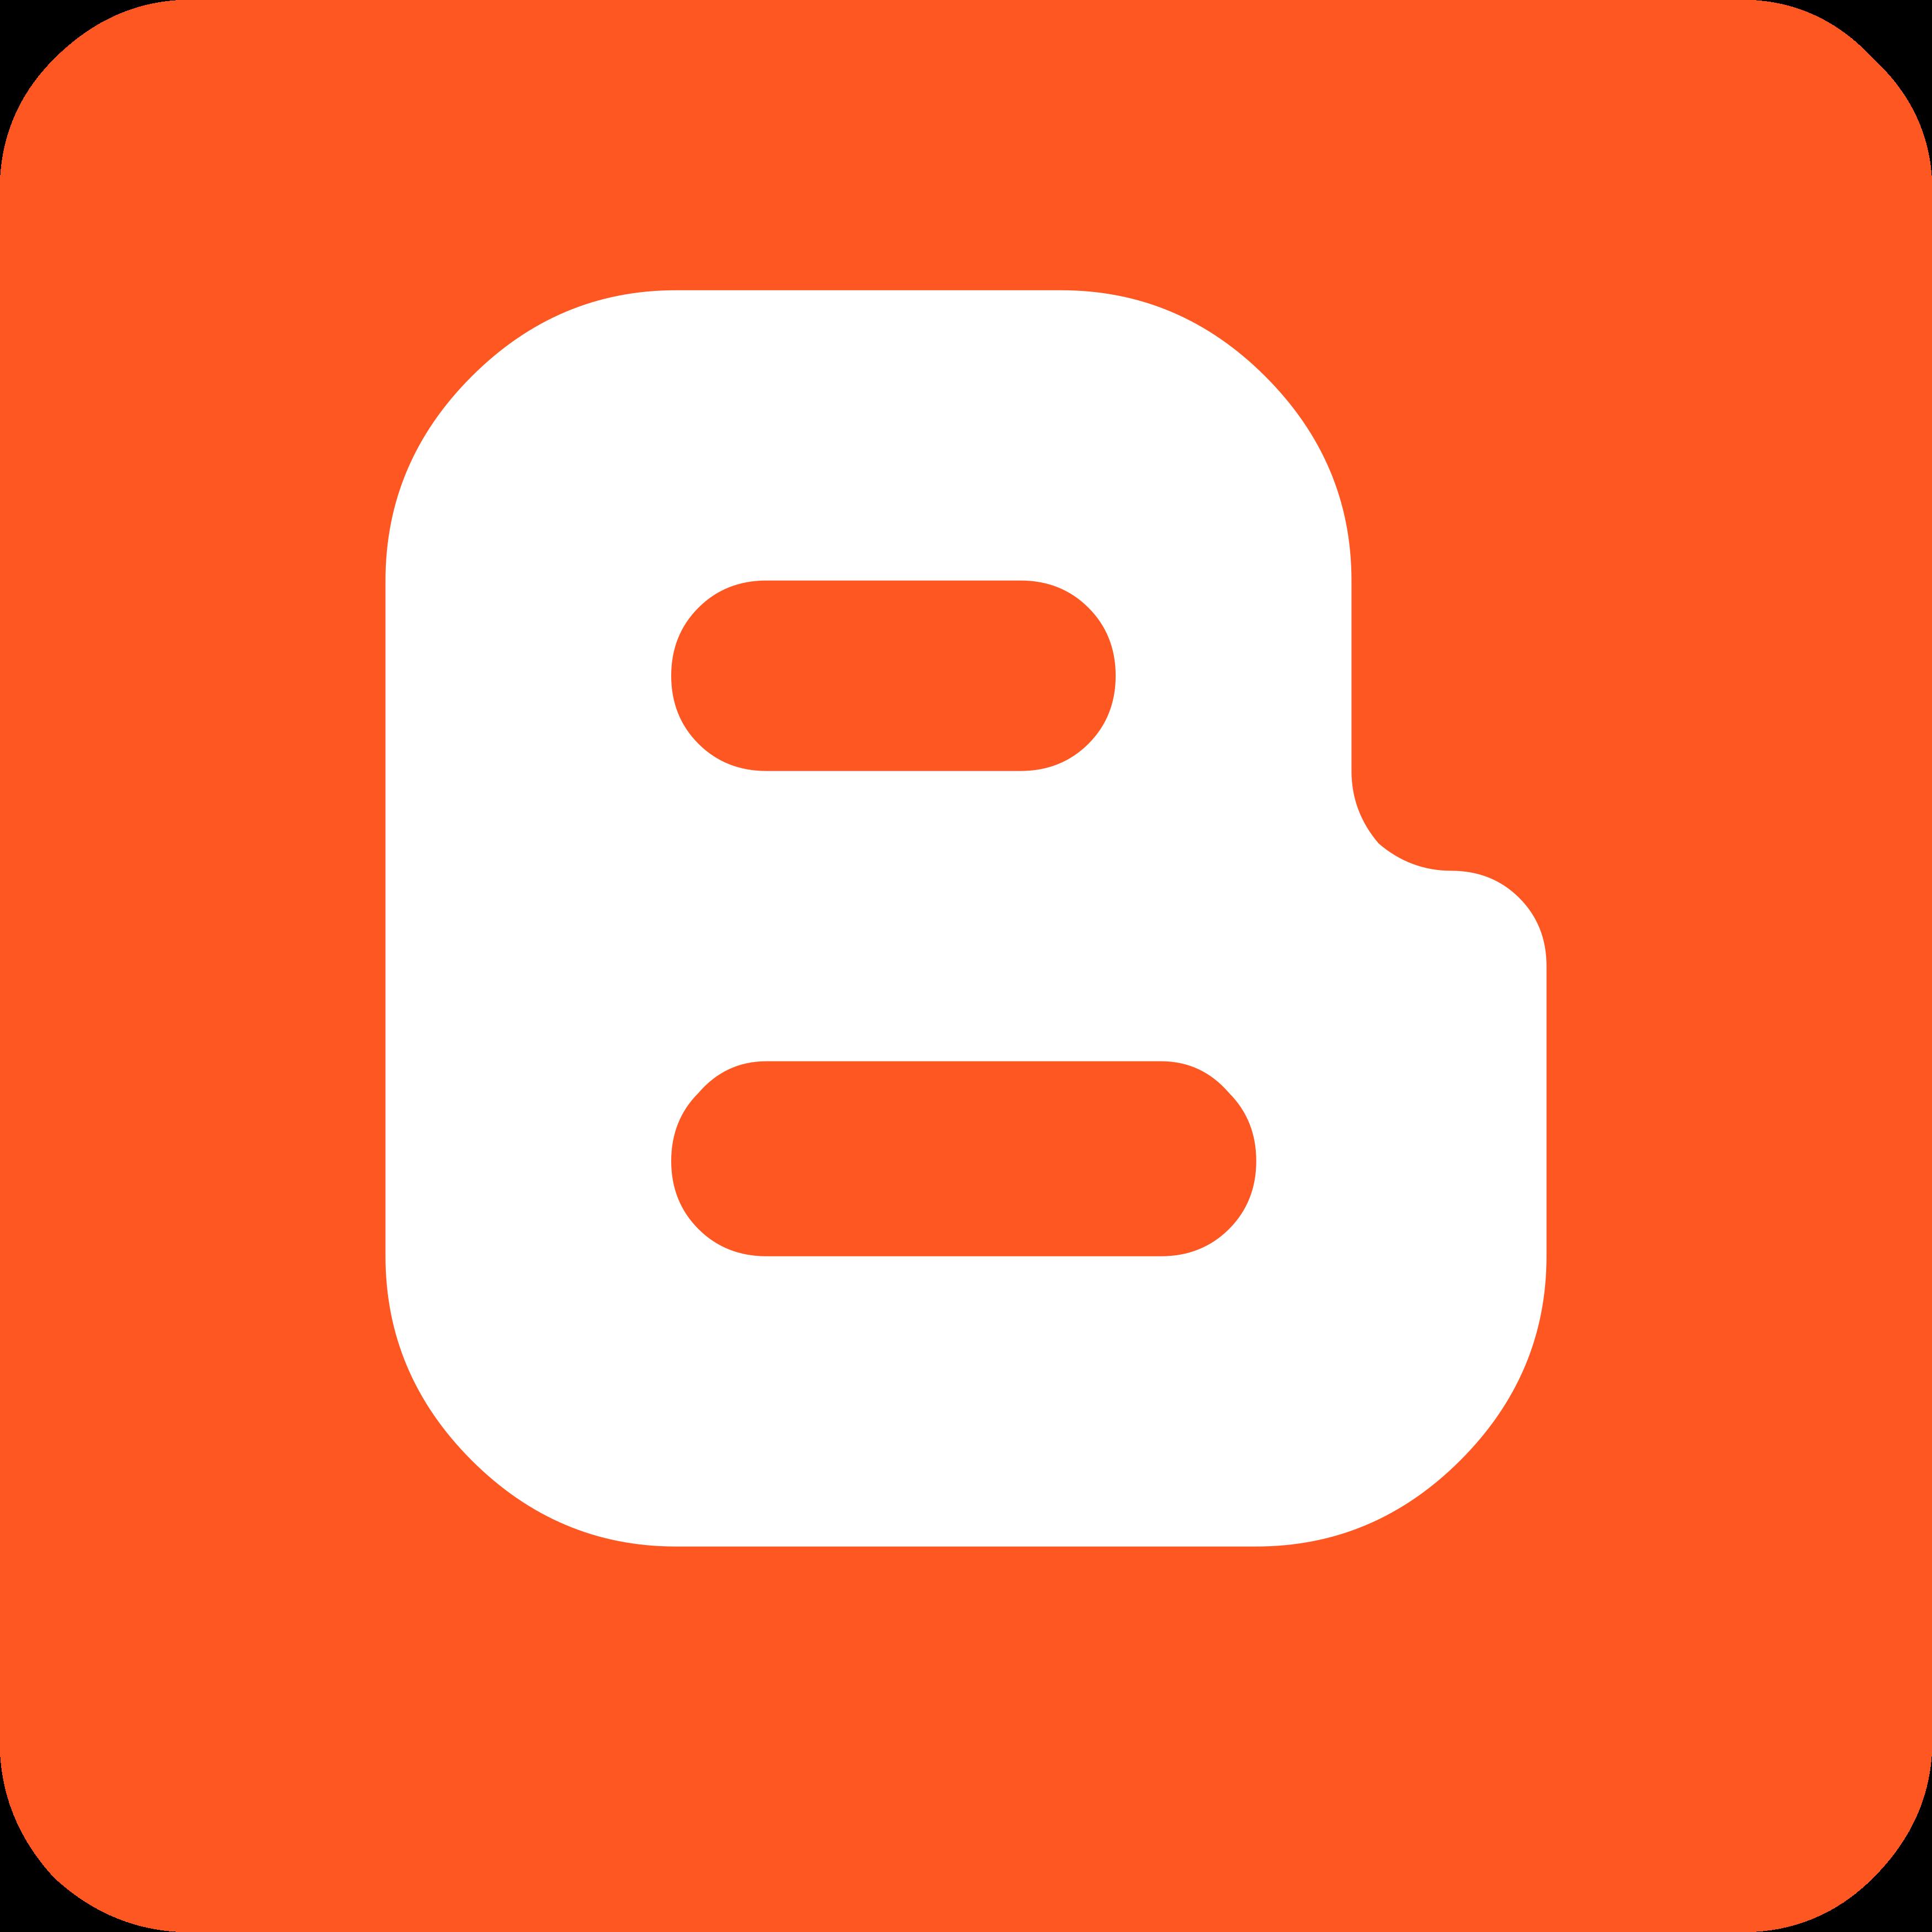 blogger logo icon - Blogger Logo